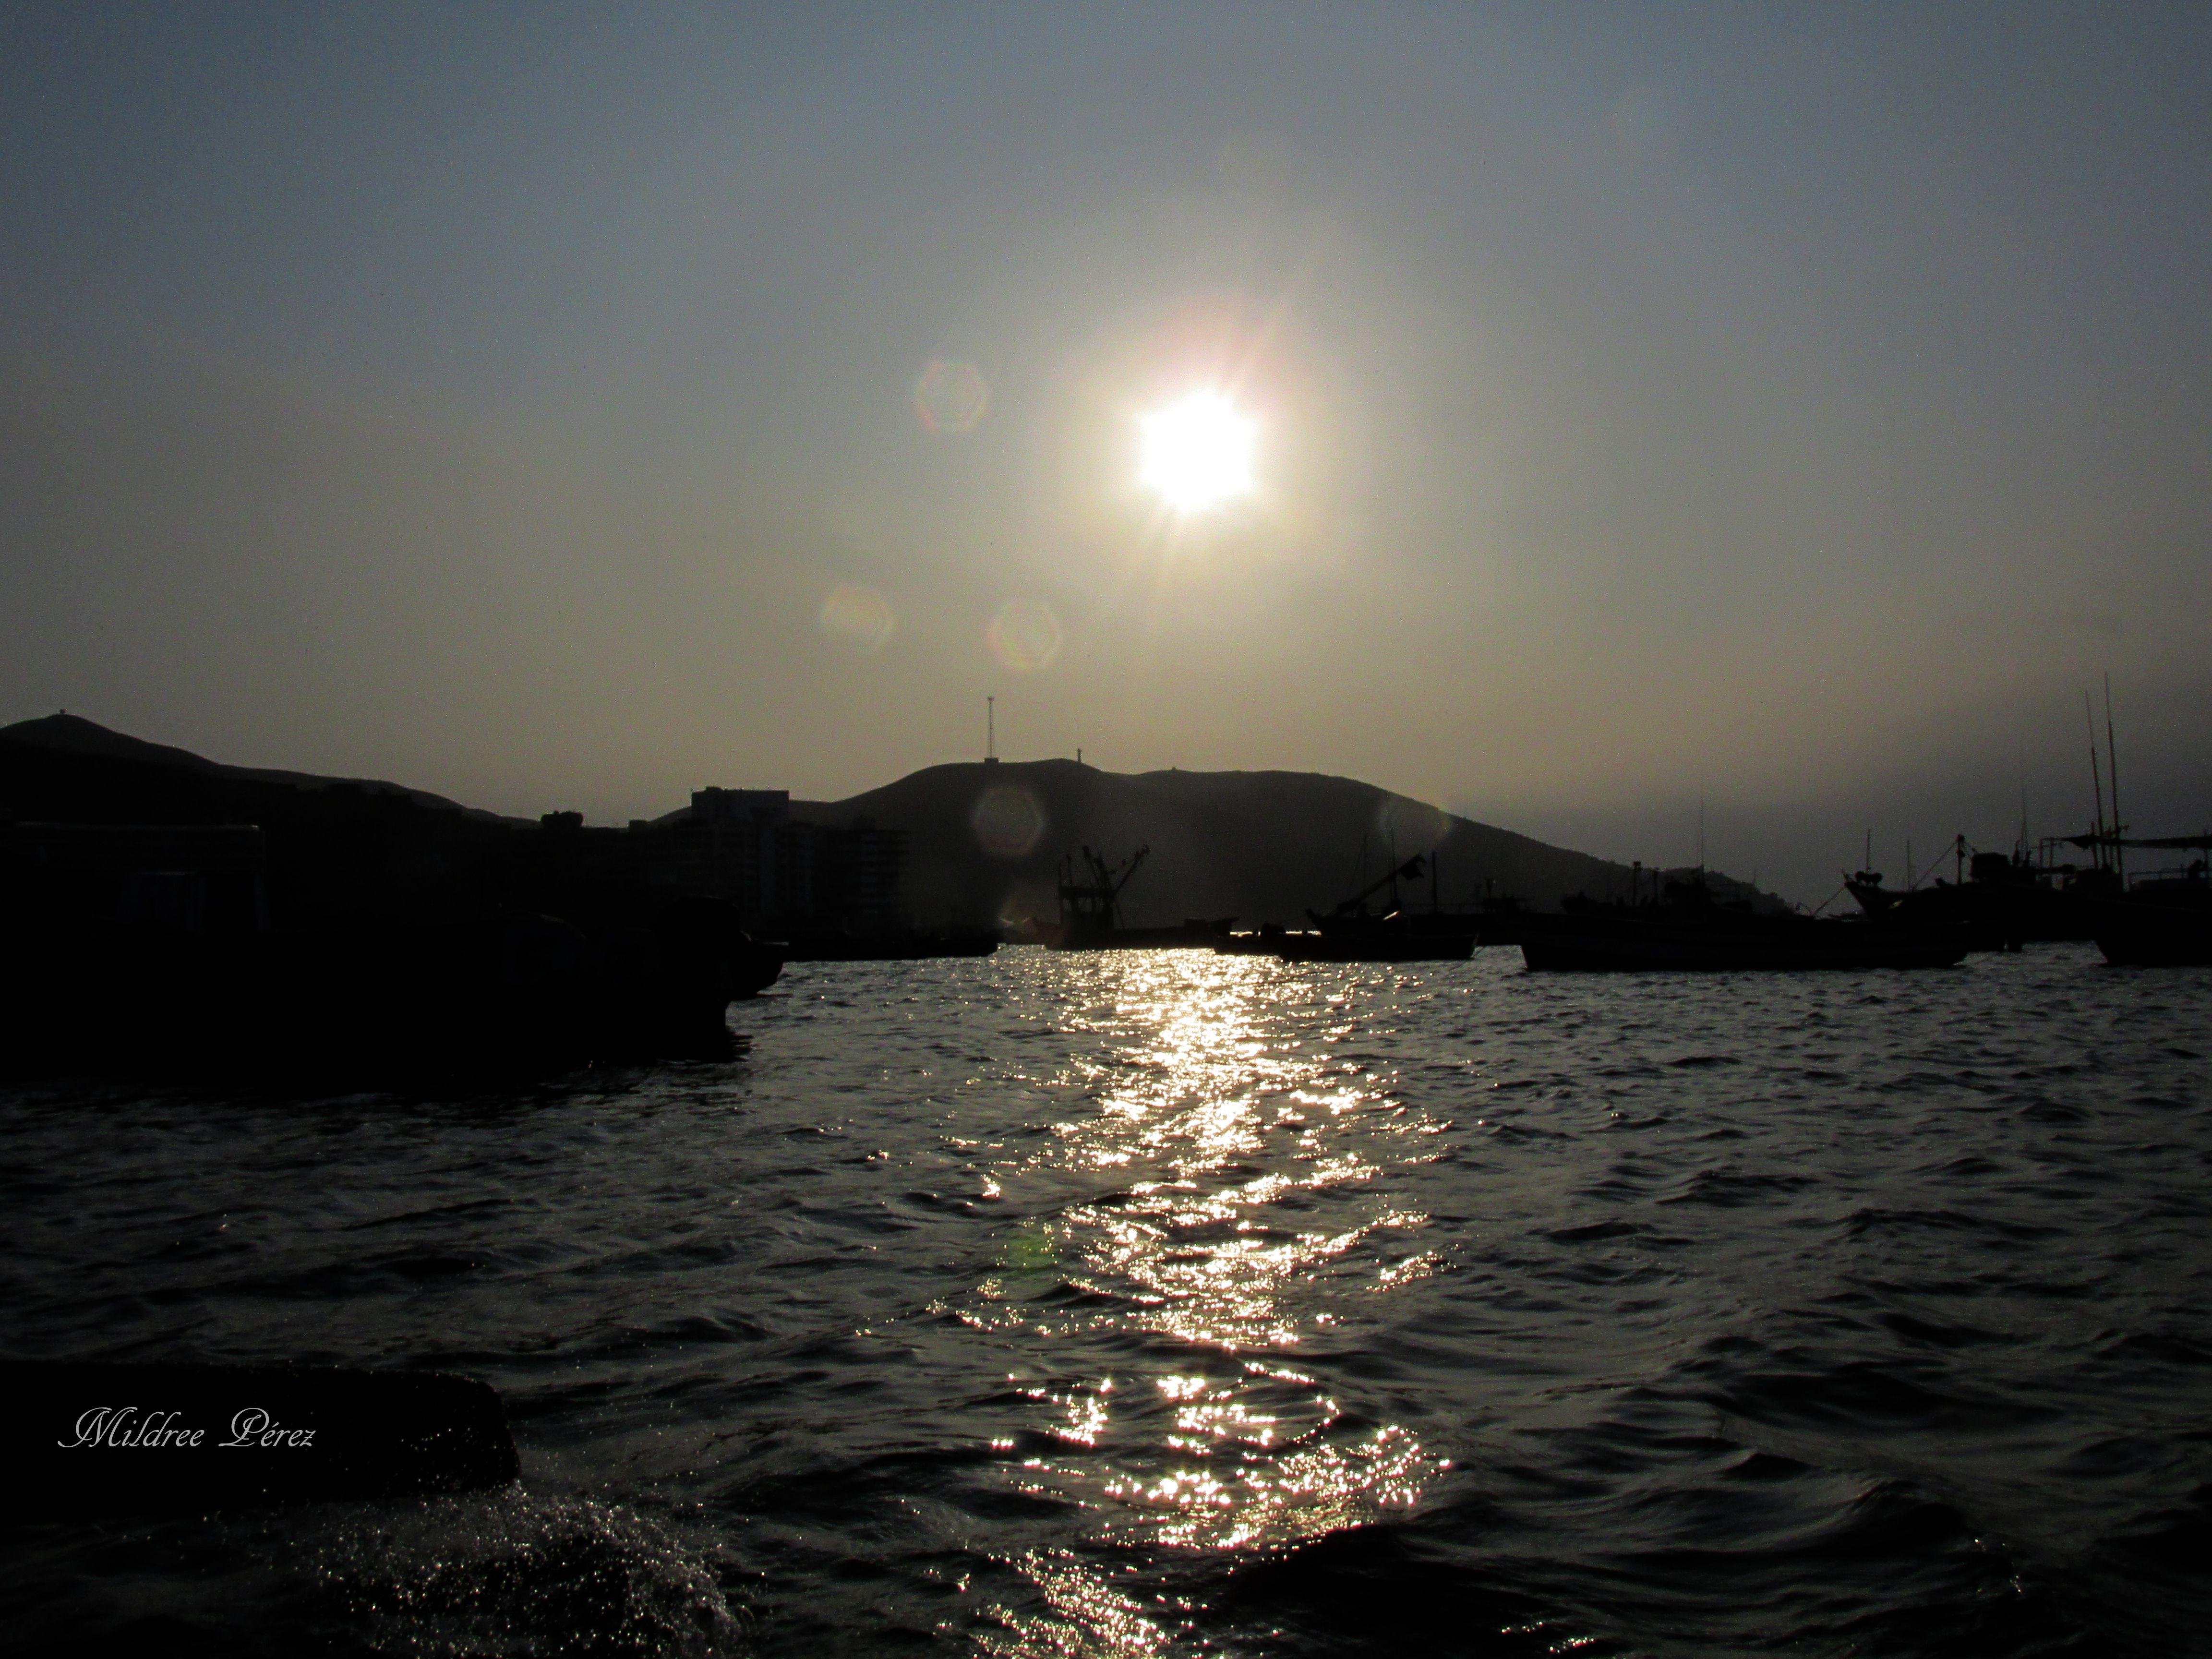 """""""El atardecer ha despertado la nostalgia, el amor o la espiritualidad entre pensadores, es tan hermoso el sol radiante junto a las olas del amar"""" #MILDREEPEREZ"""